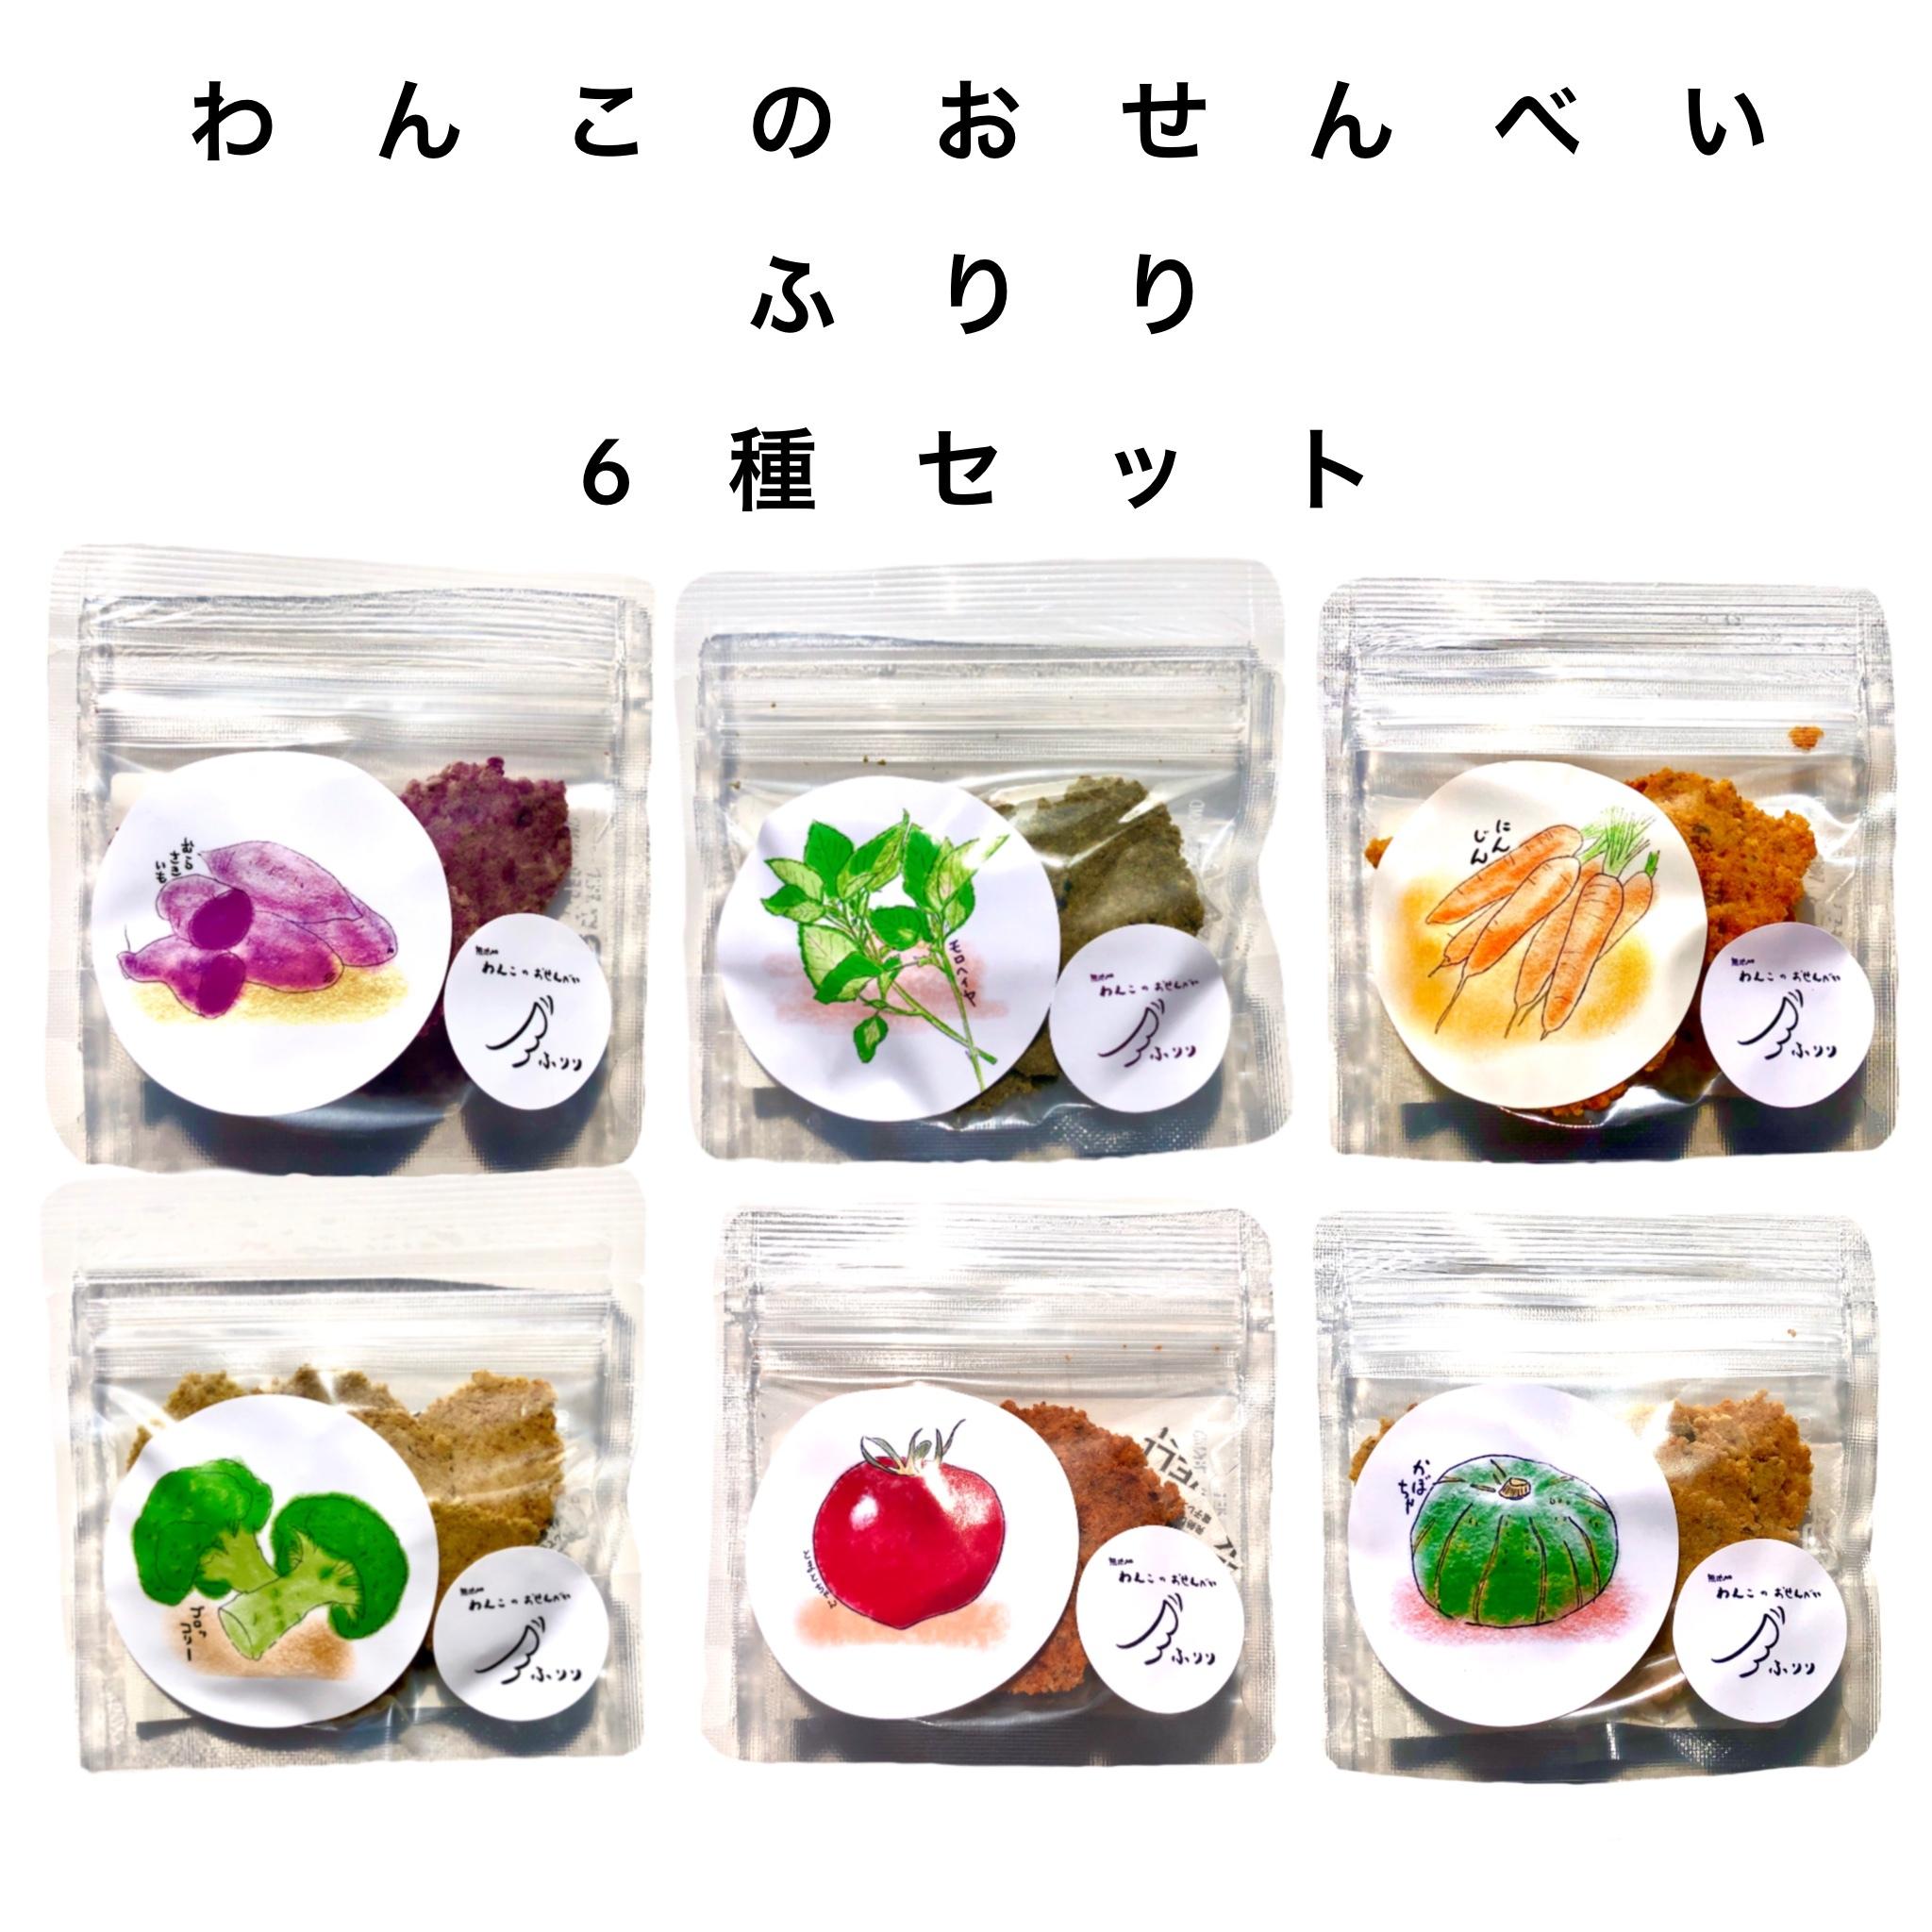 鮭と野菜の『わんこのおせんべい ふりり』 6種類セット!!国産・無添加・アレルゲンカット 犬用おやつ。